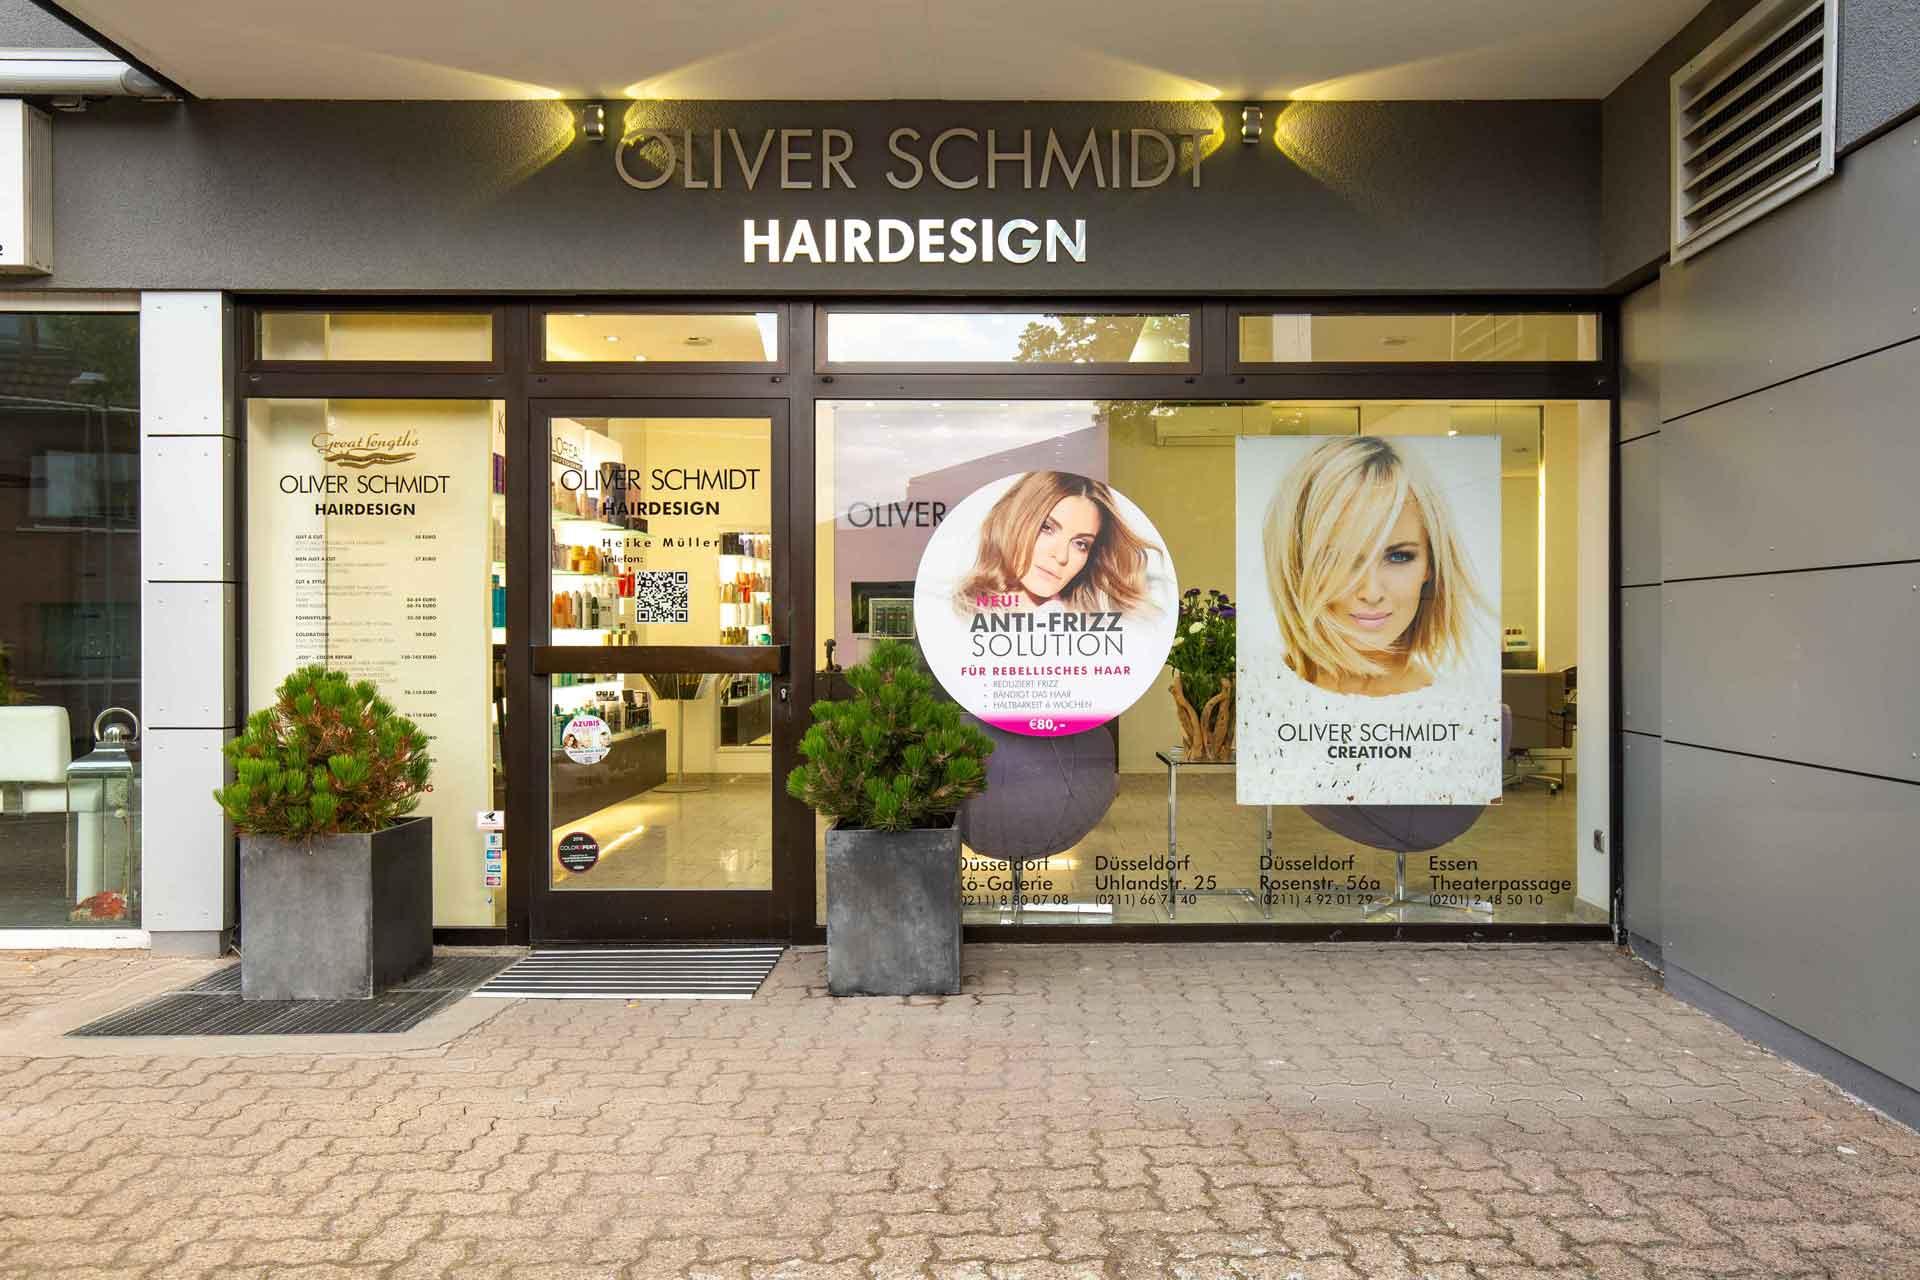 Oliver_Schmidt_Hairdesign_Auf_den_Steinen_6a